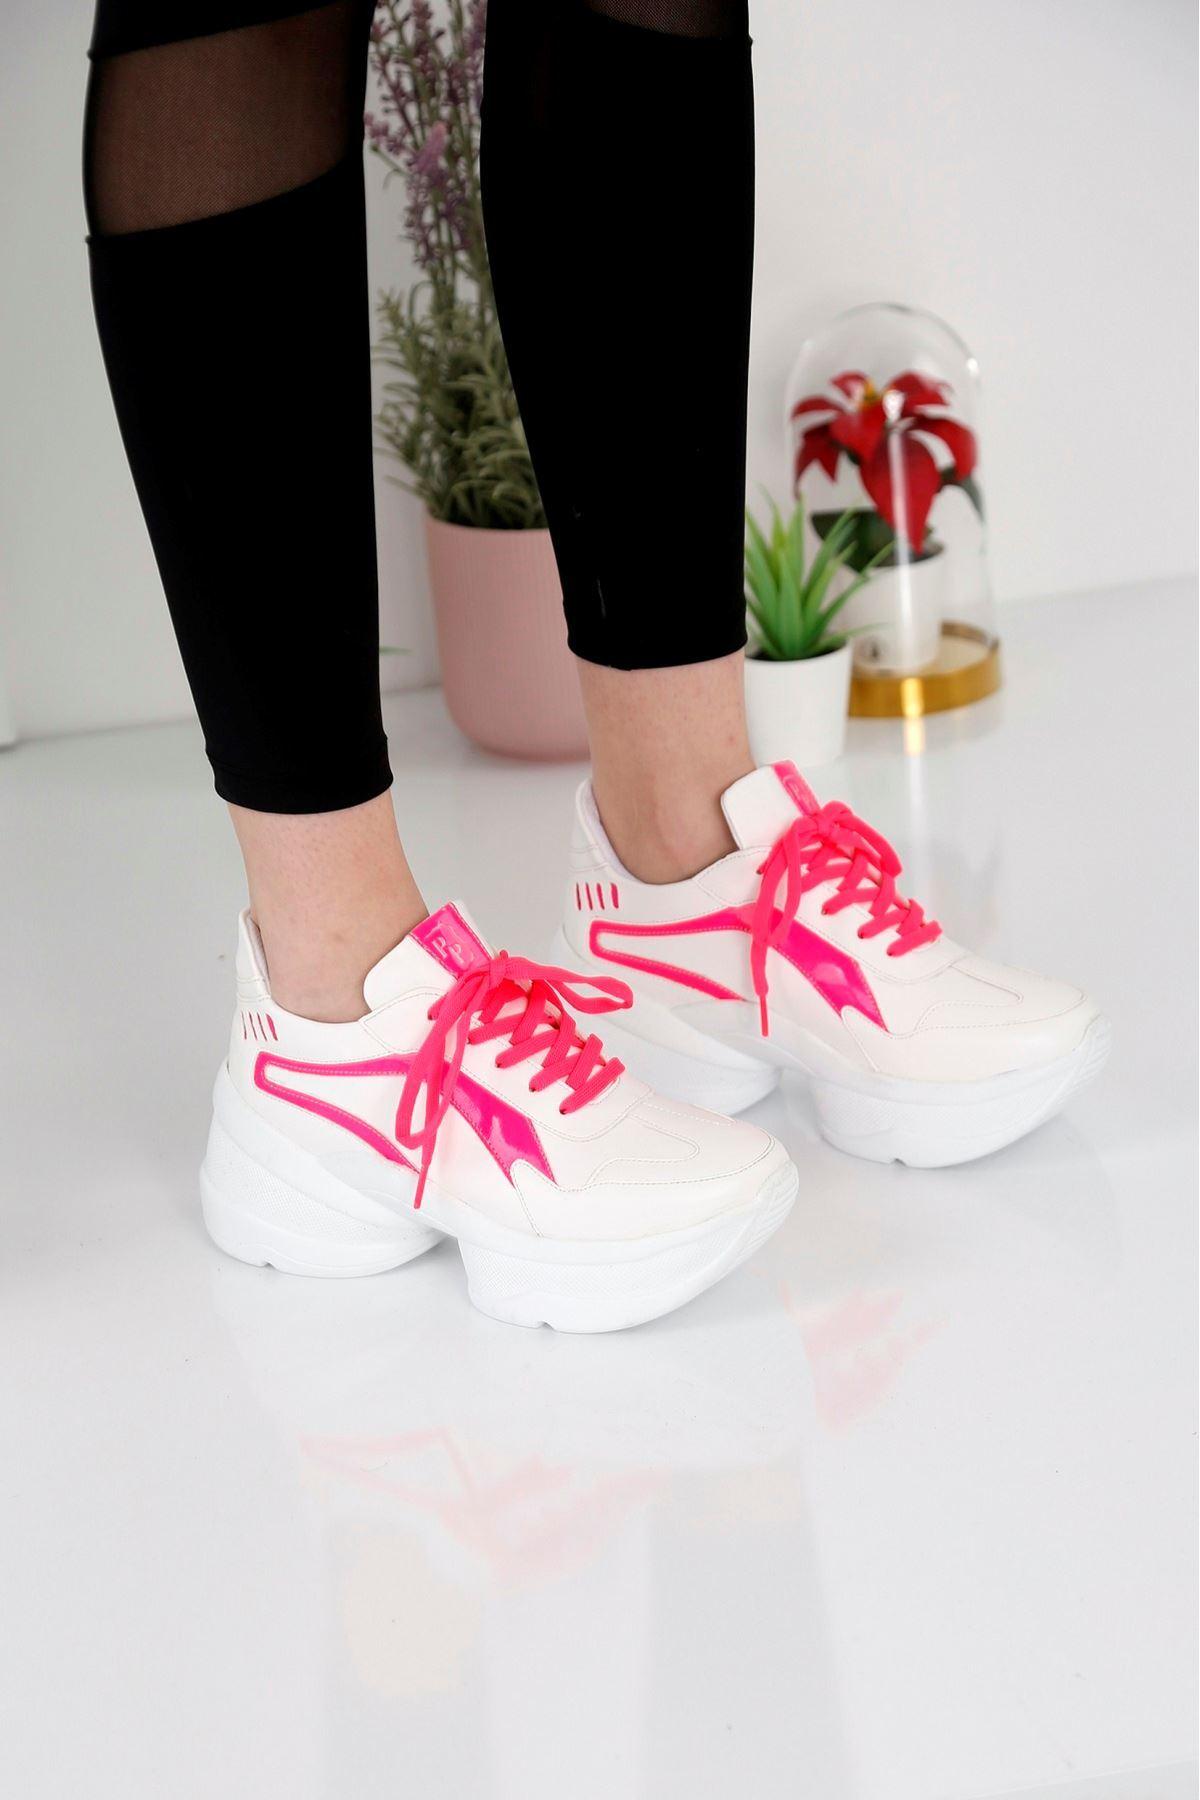 Spring Beyaz Fuşya Spor Ayakkabı